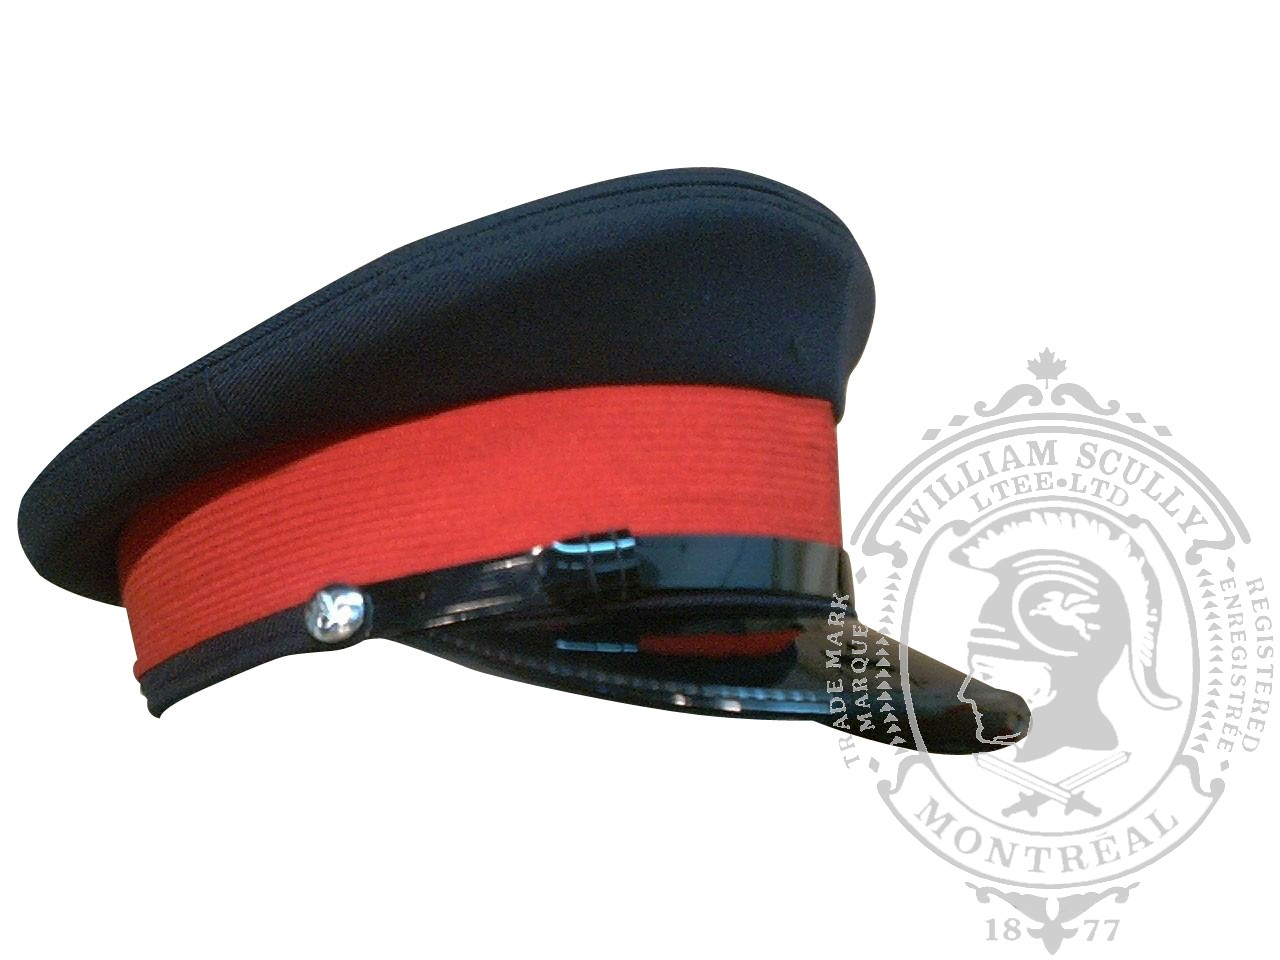 2-2004 Police Constable Uniform Cap